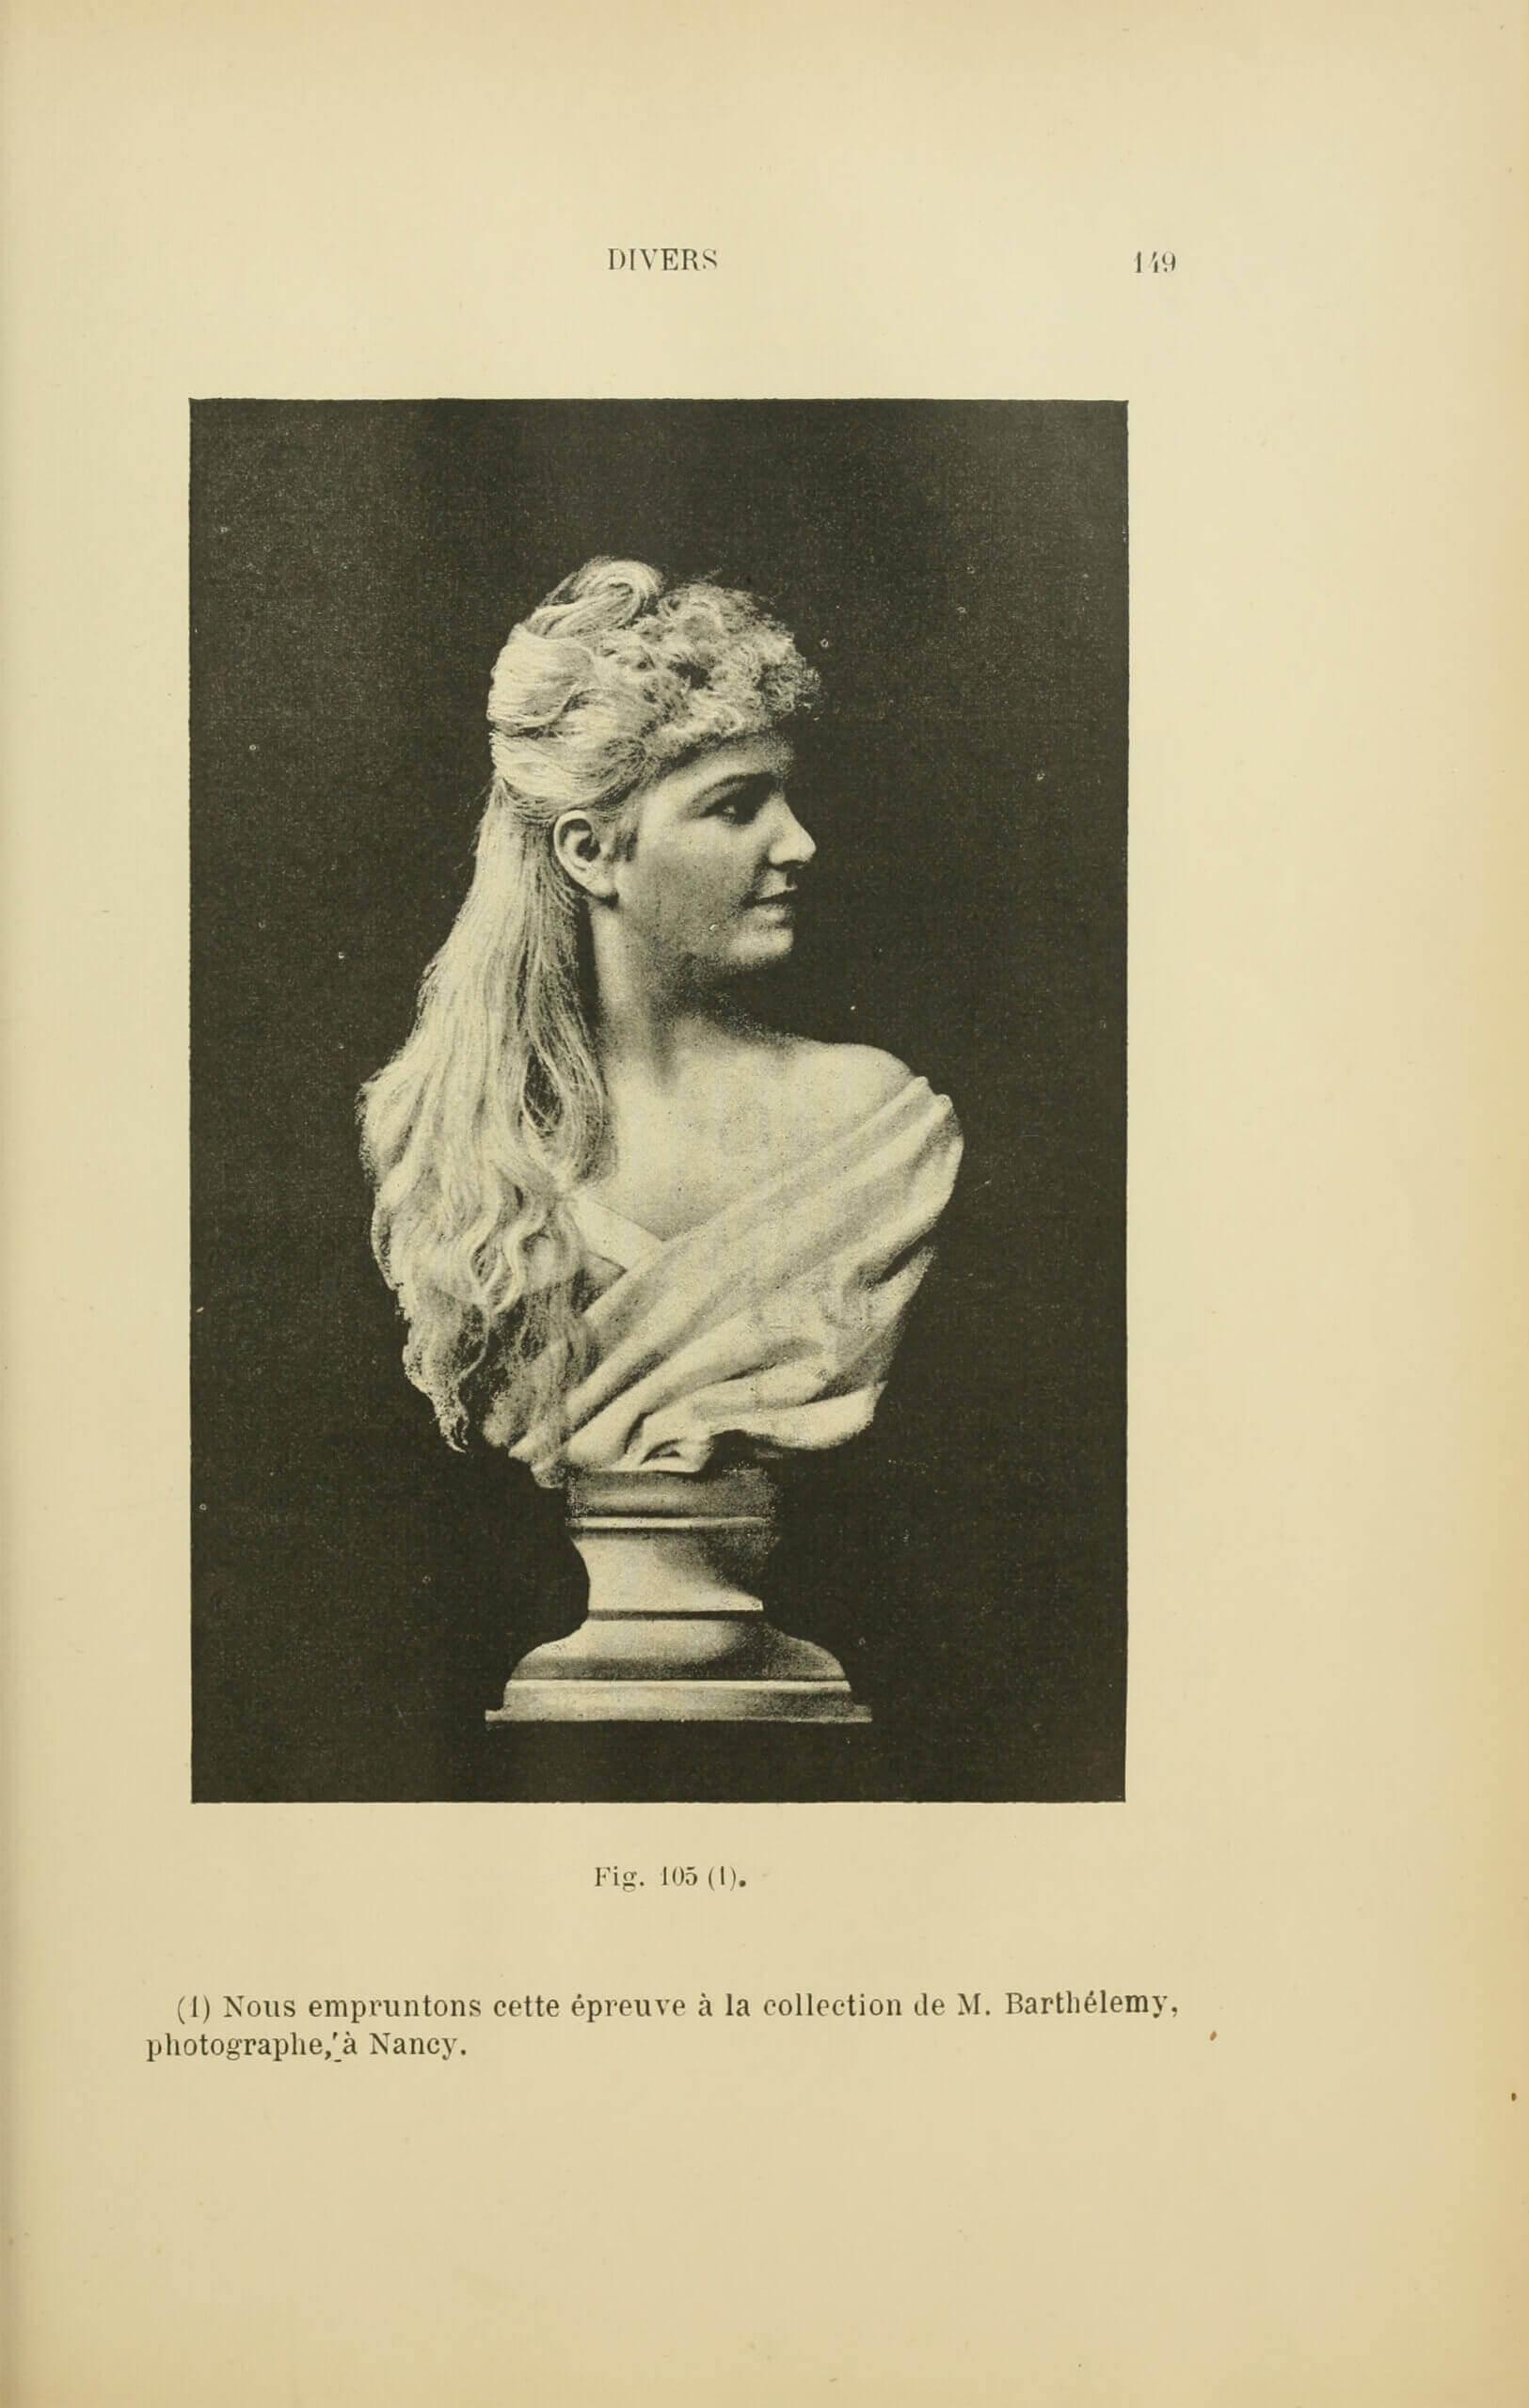 Albert Bergeret and Félix Drouin, «Reproductions directes». Les Récréations photographiques, Paris, Charles Mendel, 1891, p. 149 (Boston Public Library)